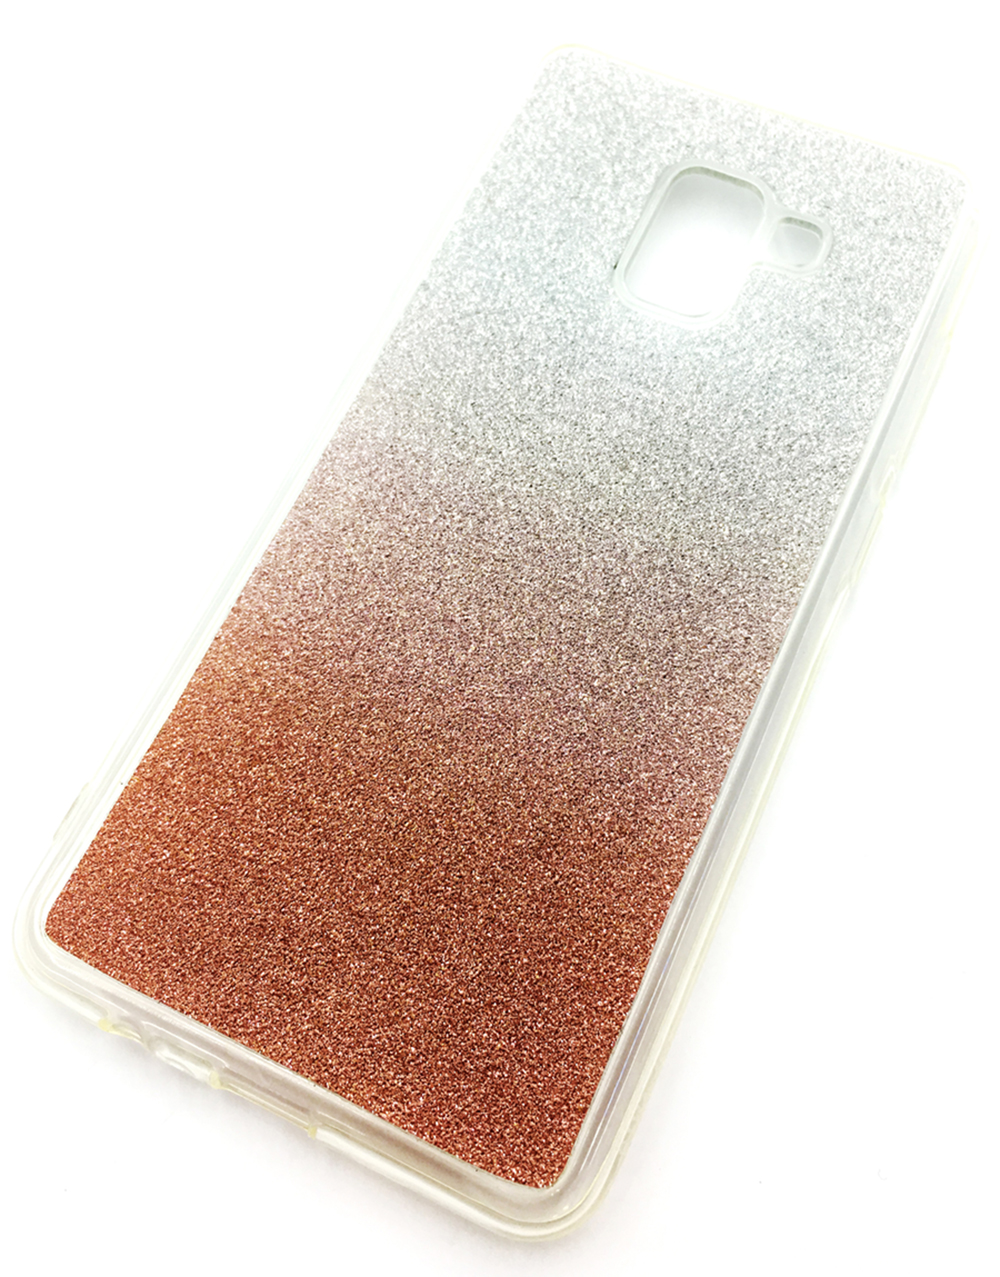 Чехол для сотового телефона Мобильная мода Samsung A8 Plus 2018 Накладка силиконовая, блестящая, градиент, 7272D, серебристый чехол для сотового телефона мобильная мода samsung a8 plus 2018 накладка nxe glittery powder pc tpu красный 1529 красный